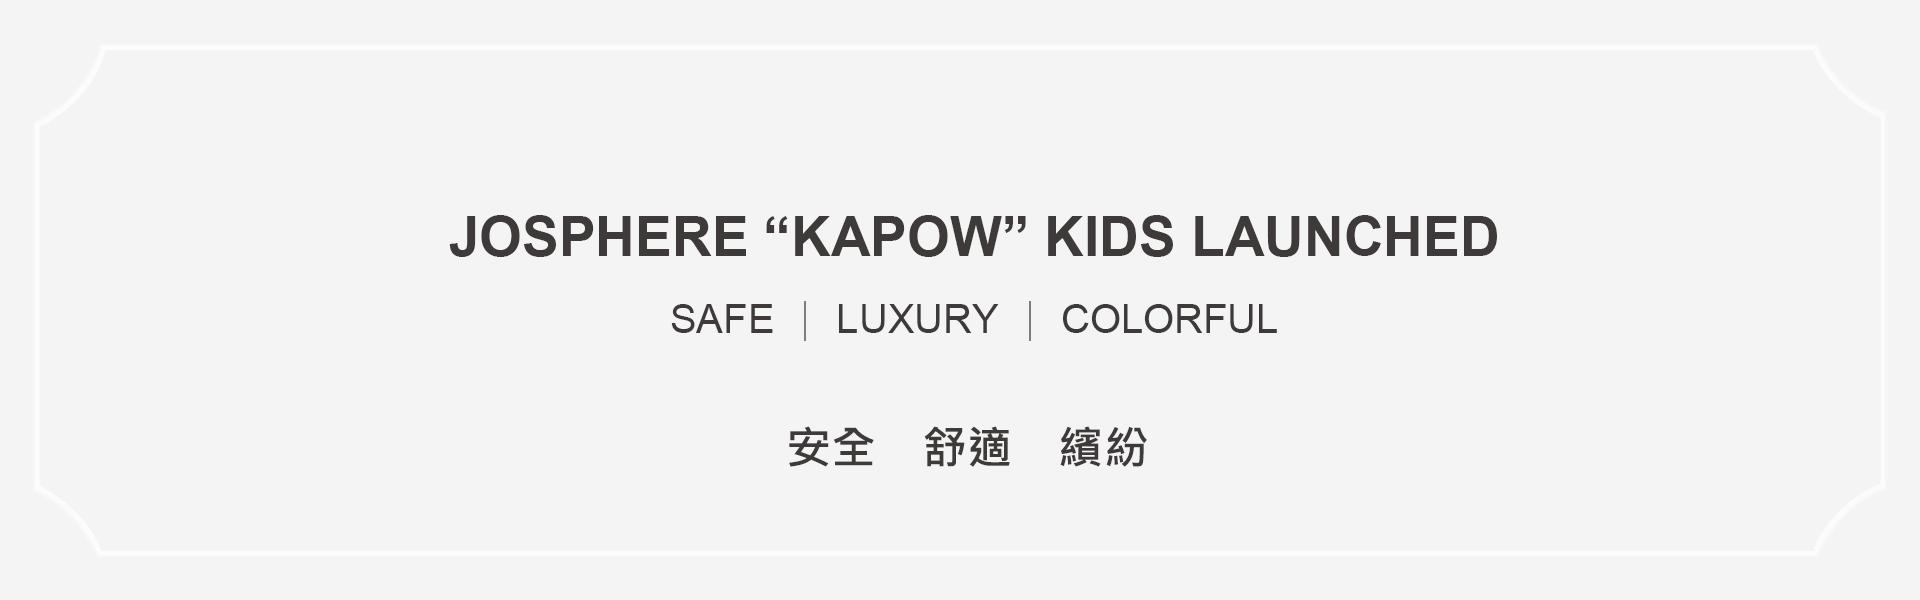 安全 舒適 繽紛 兒童頭盔 系列上市 JOSPHERE KAPOWS KIDS LAUNCHED